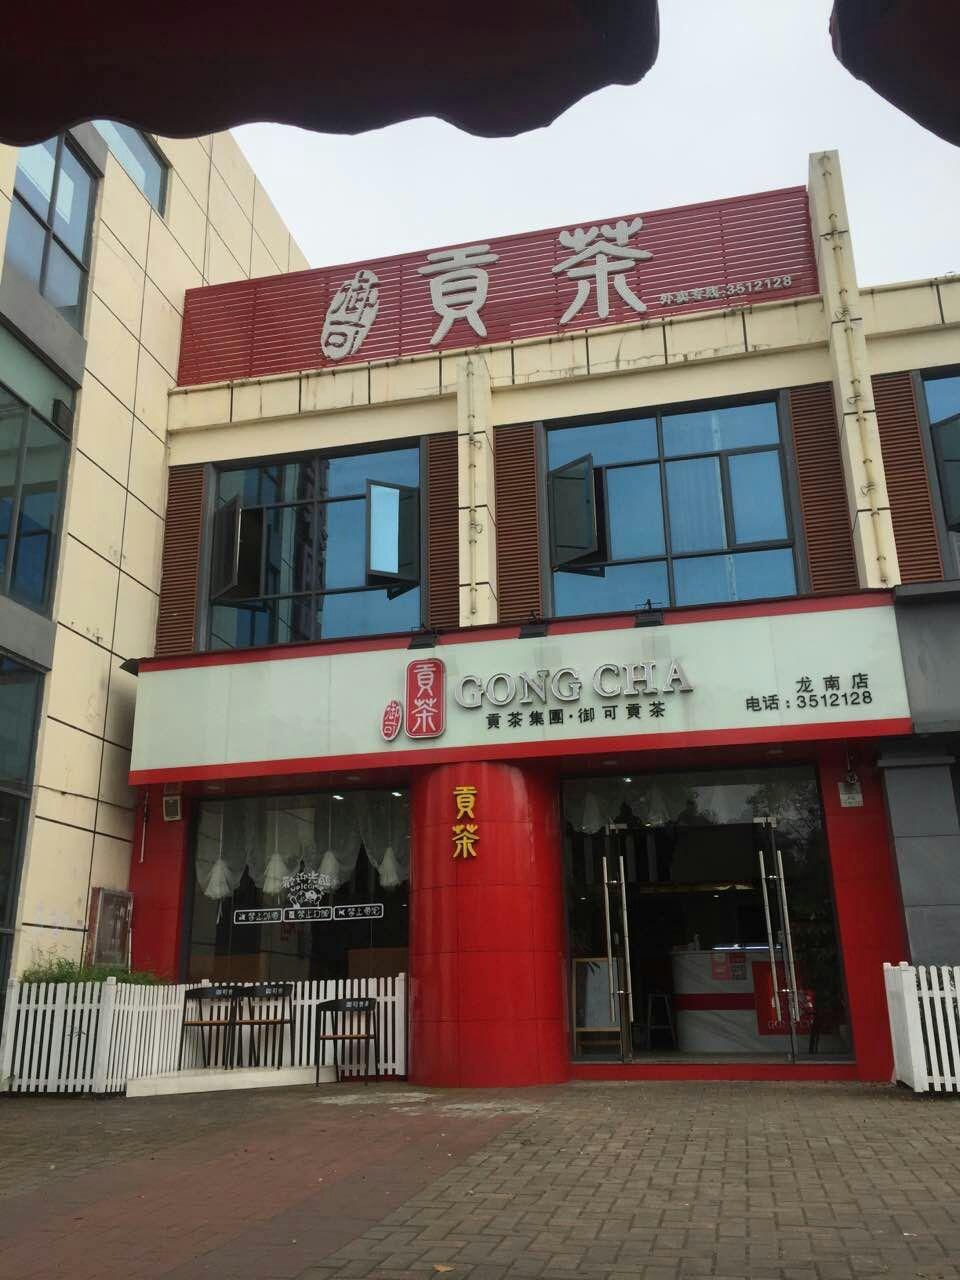 469581御可貢茶新葡京网址-新葡京网站-新葡京官网店